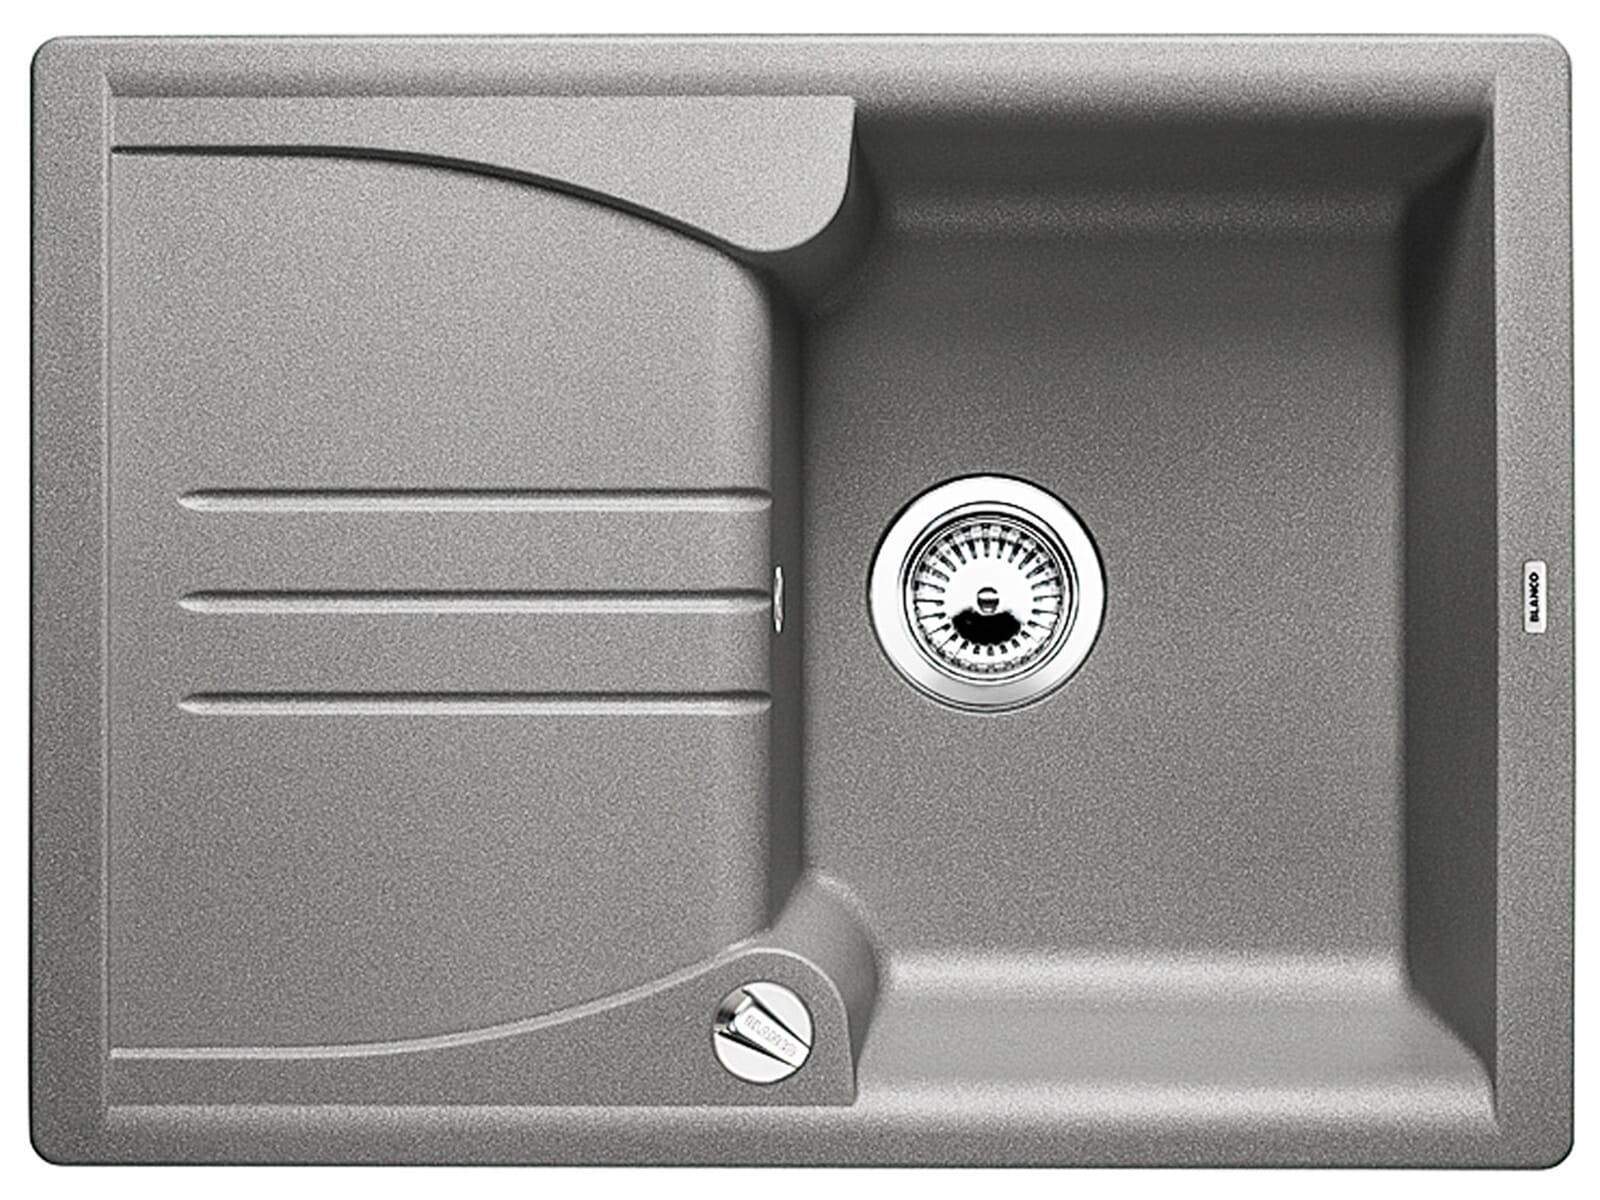 Kuchenspule Granit Grau Spulbecken Unterschrank Ikea Nazarm